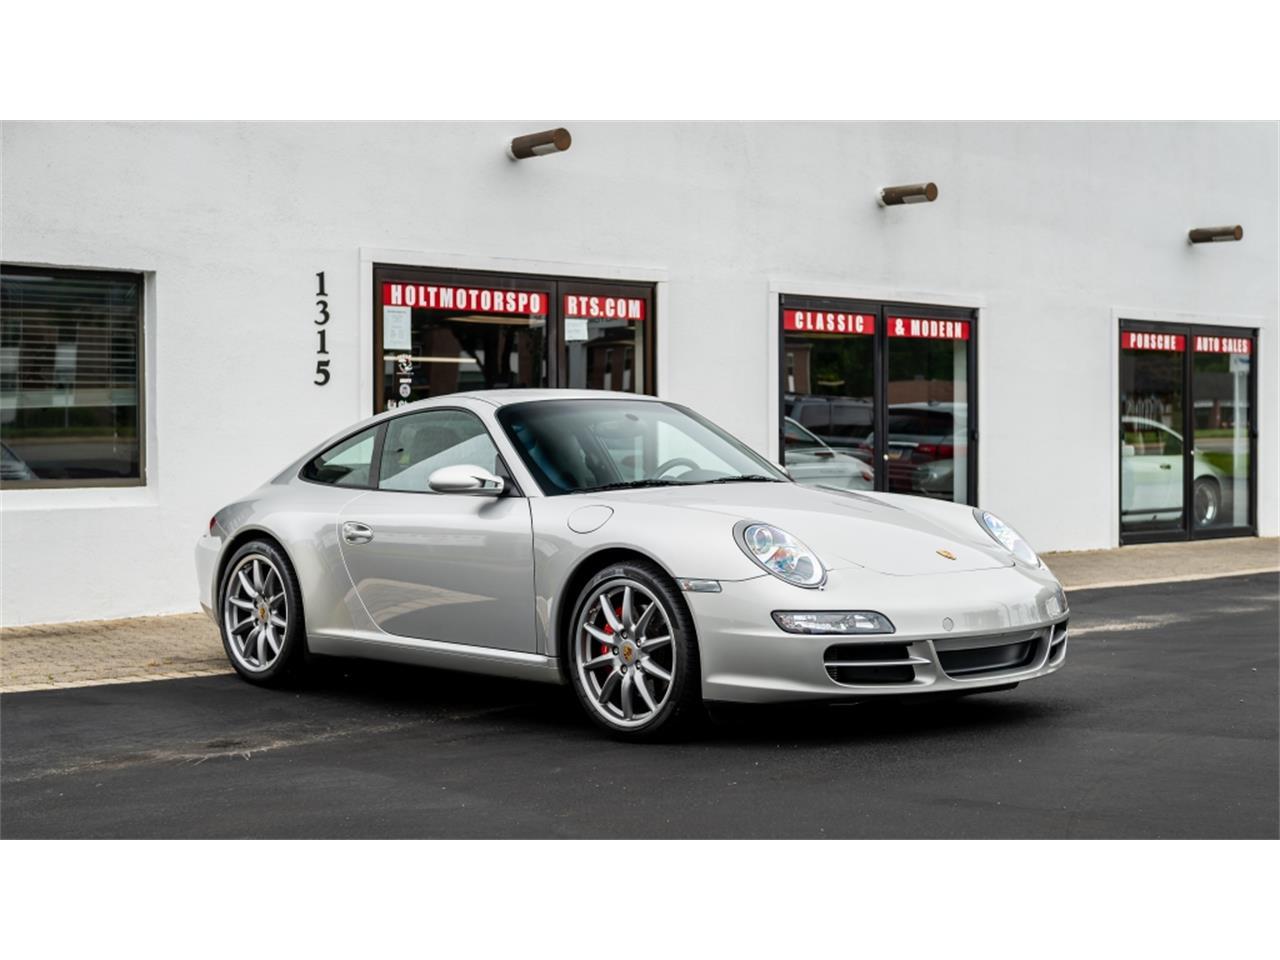 2008 Porsche Carrera S (CC-1268318) for sale in West Chester, Pennsylvania